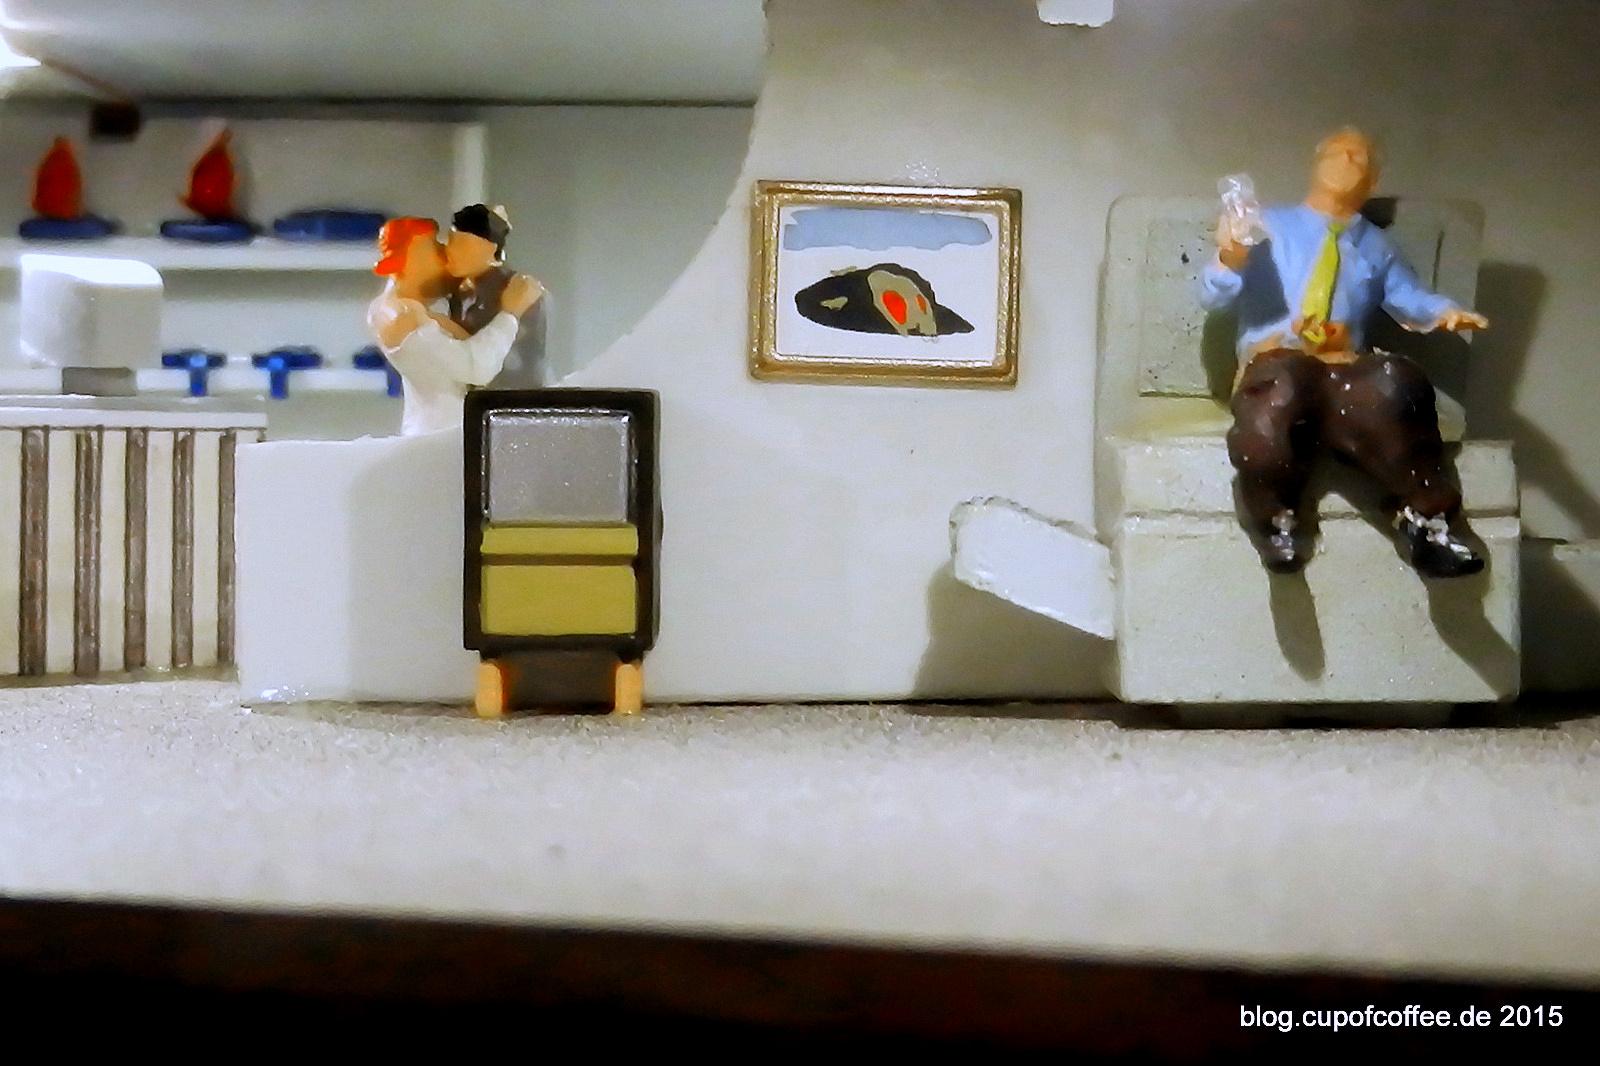 Schon Herr Stromberg wusste, nirgendwo ist es so schön, wie im Büro. Das gilt auch in der Miniatur Hafencity.